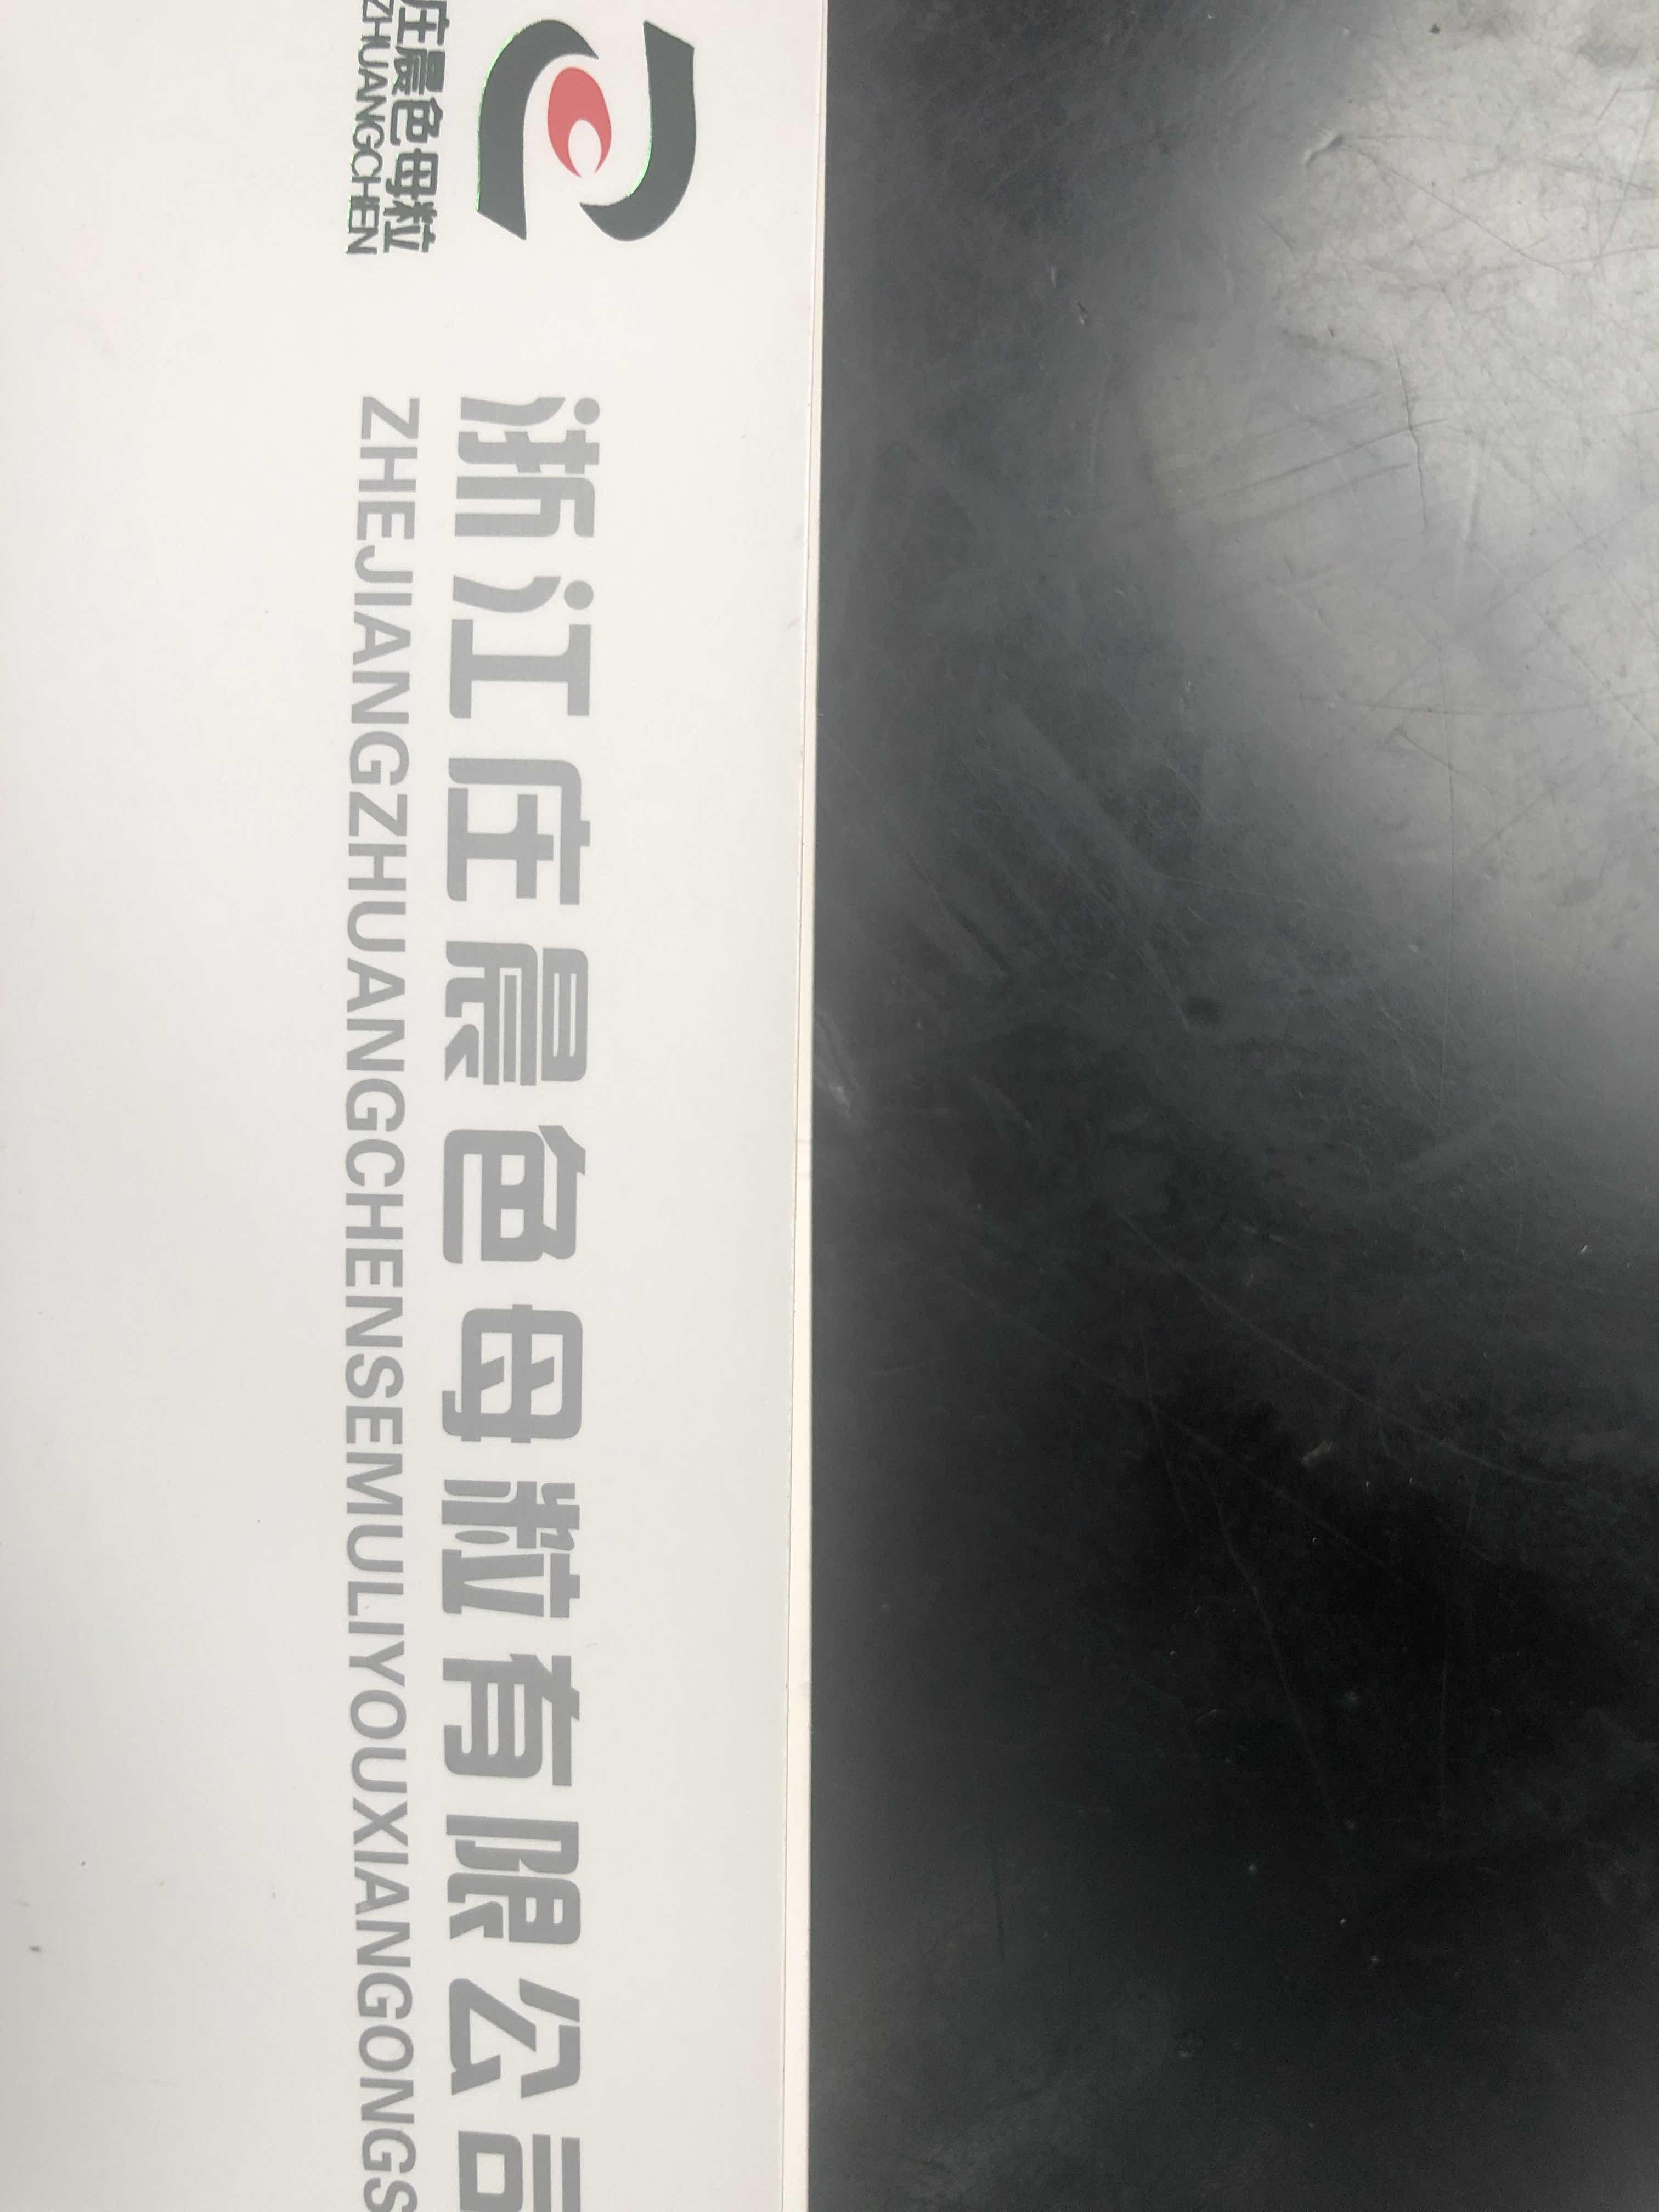 浙江莊晨色母粒有限公司